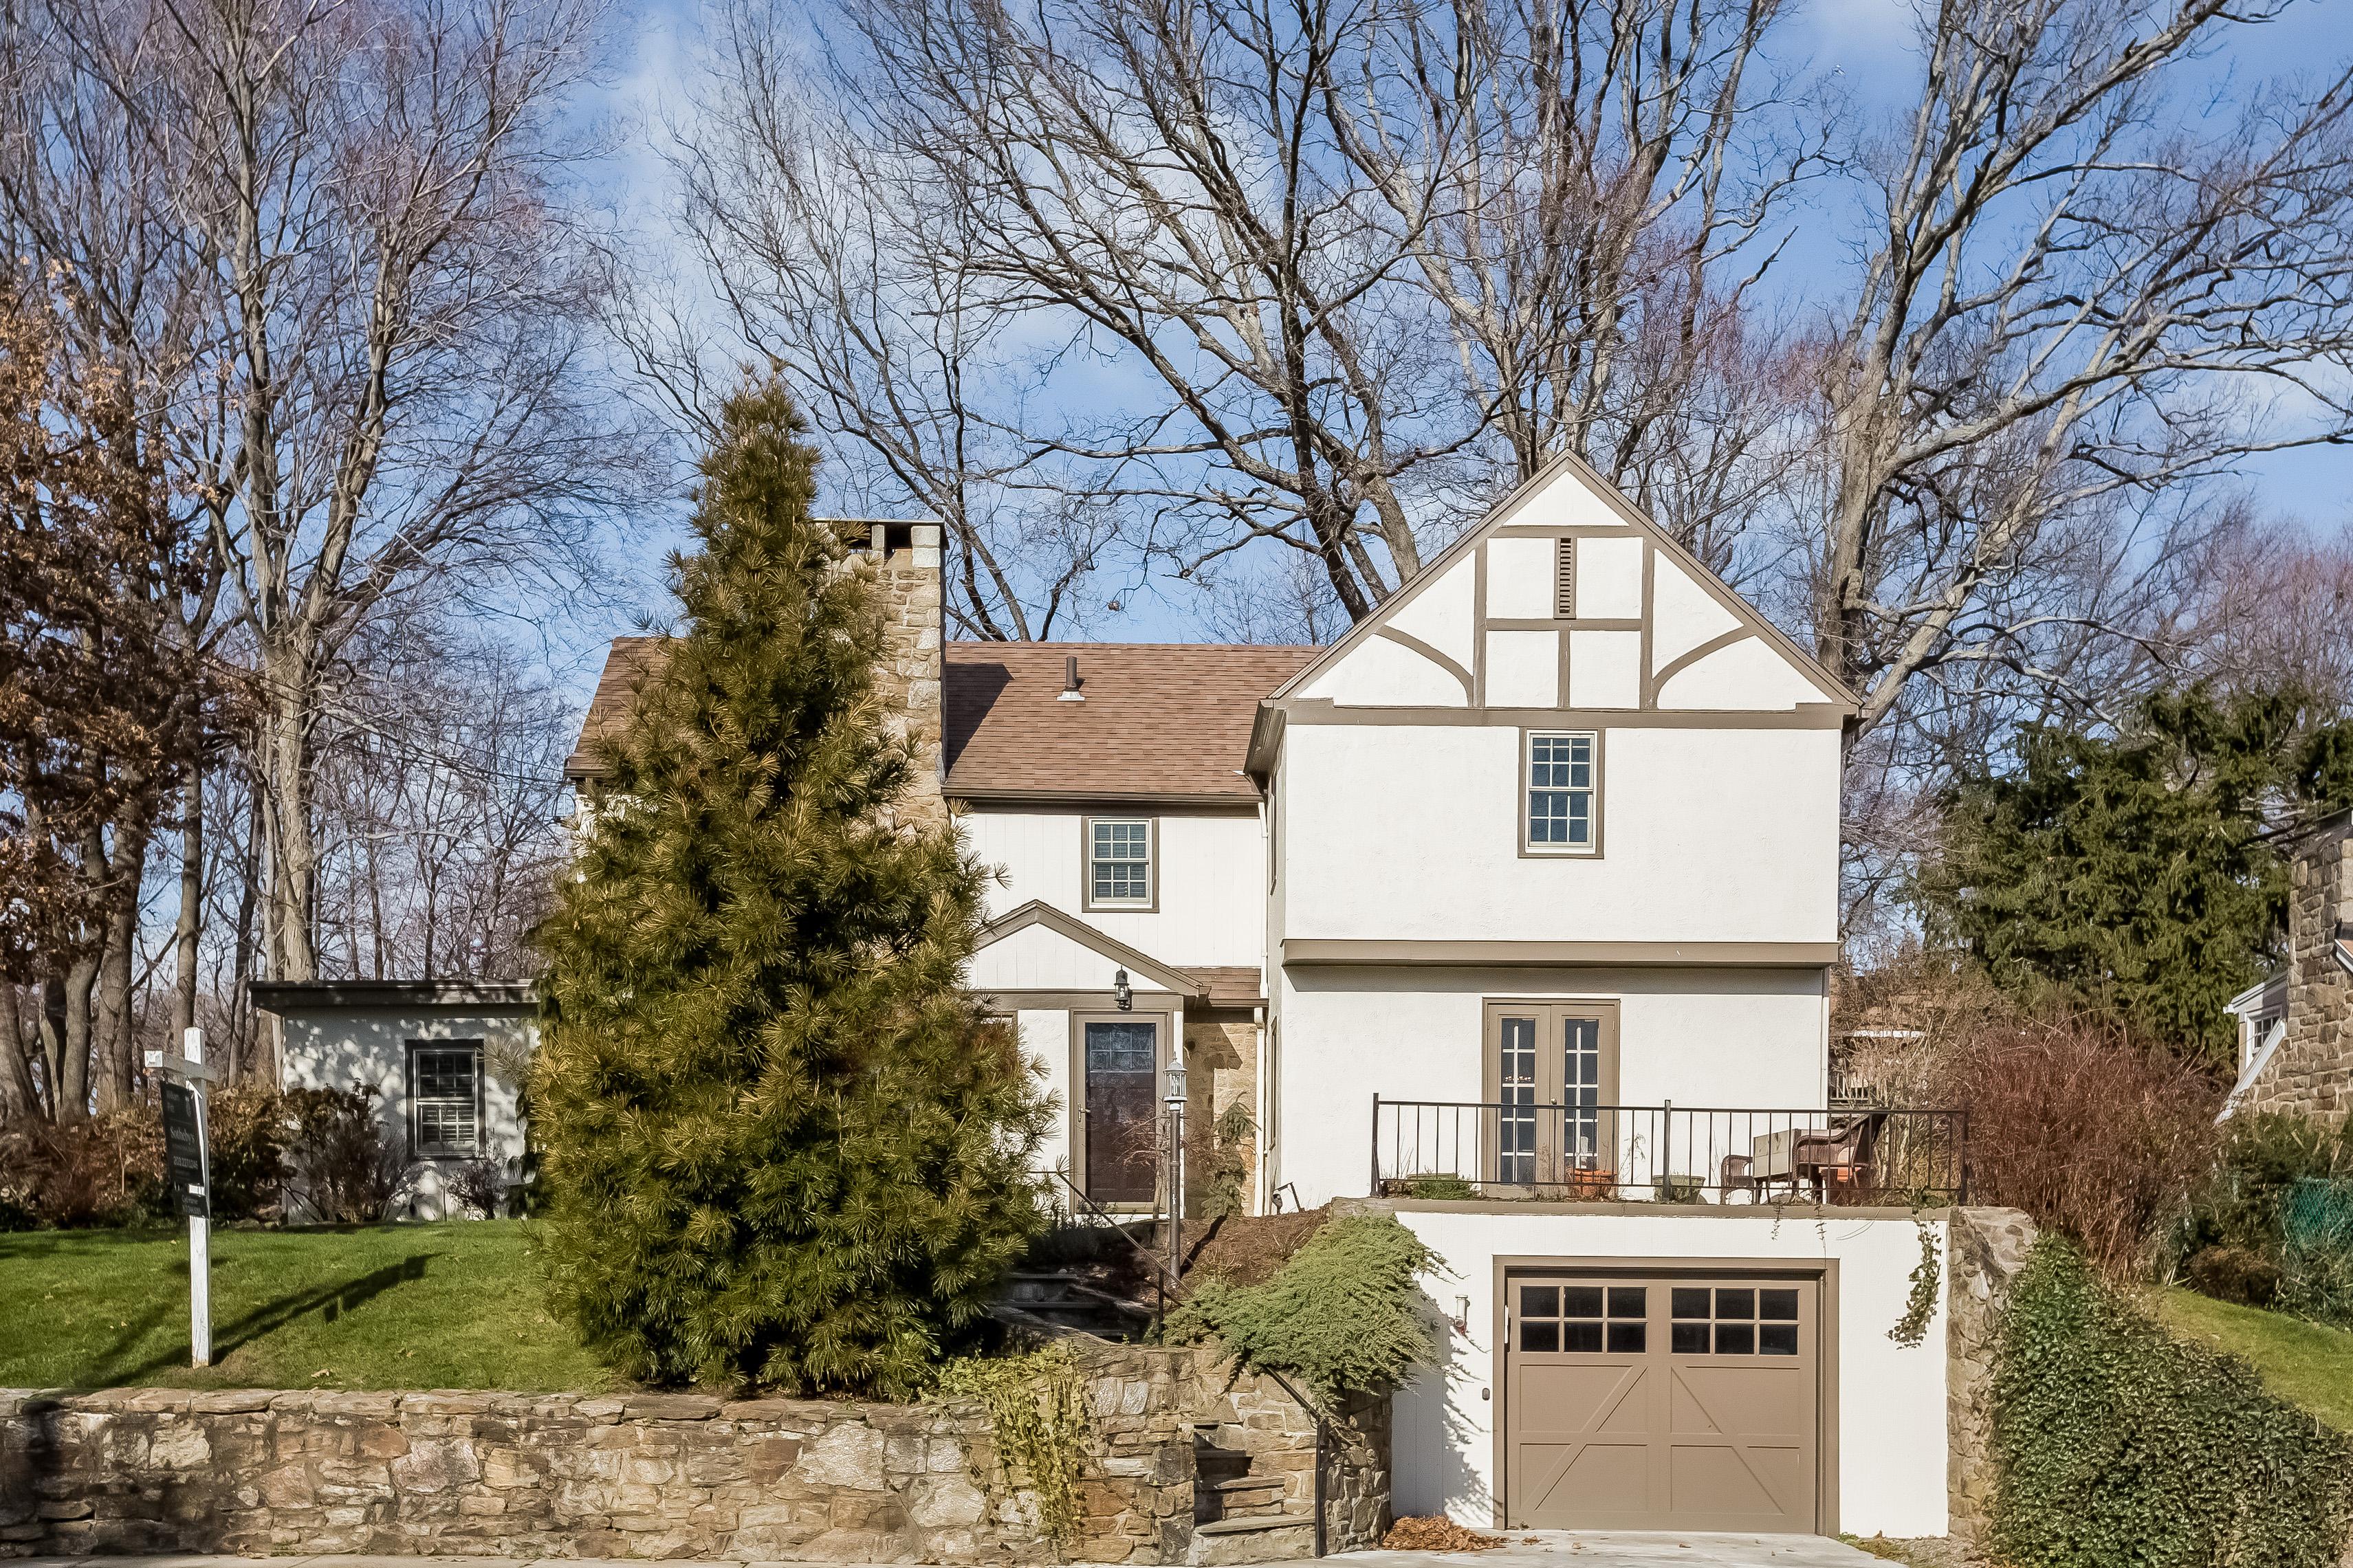 단독 가정 주택 용 매매 에 21 Buckingham Place Norwalk, 코네티컷 06851 미국